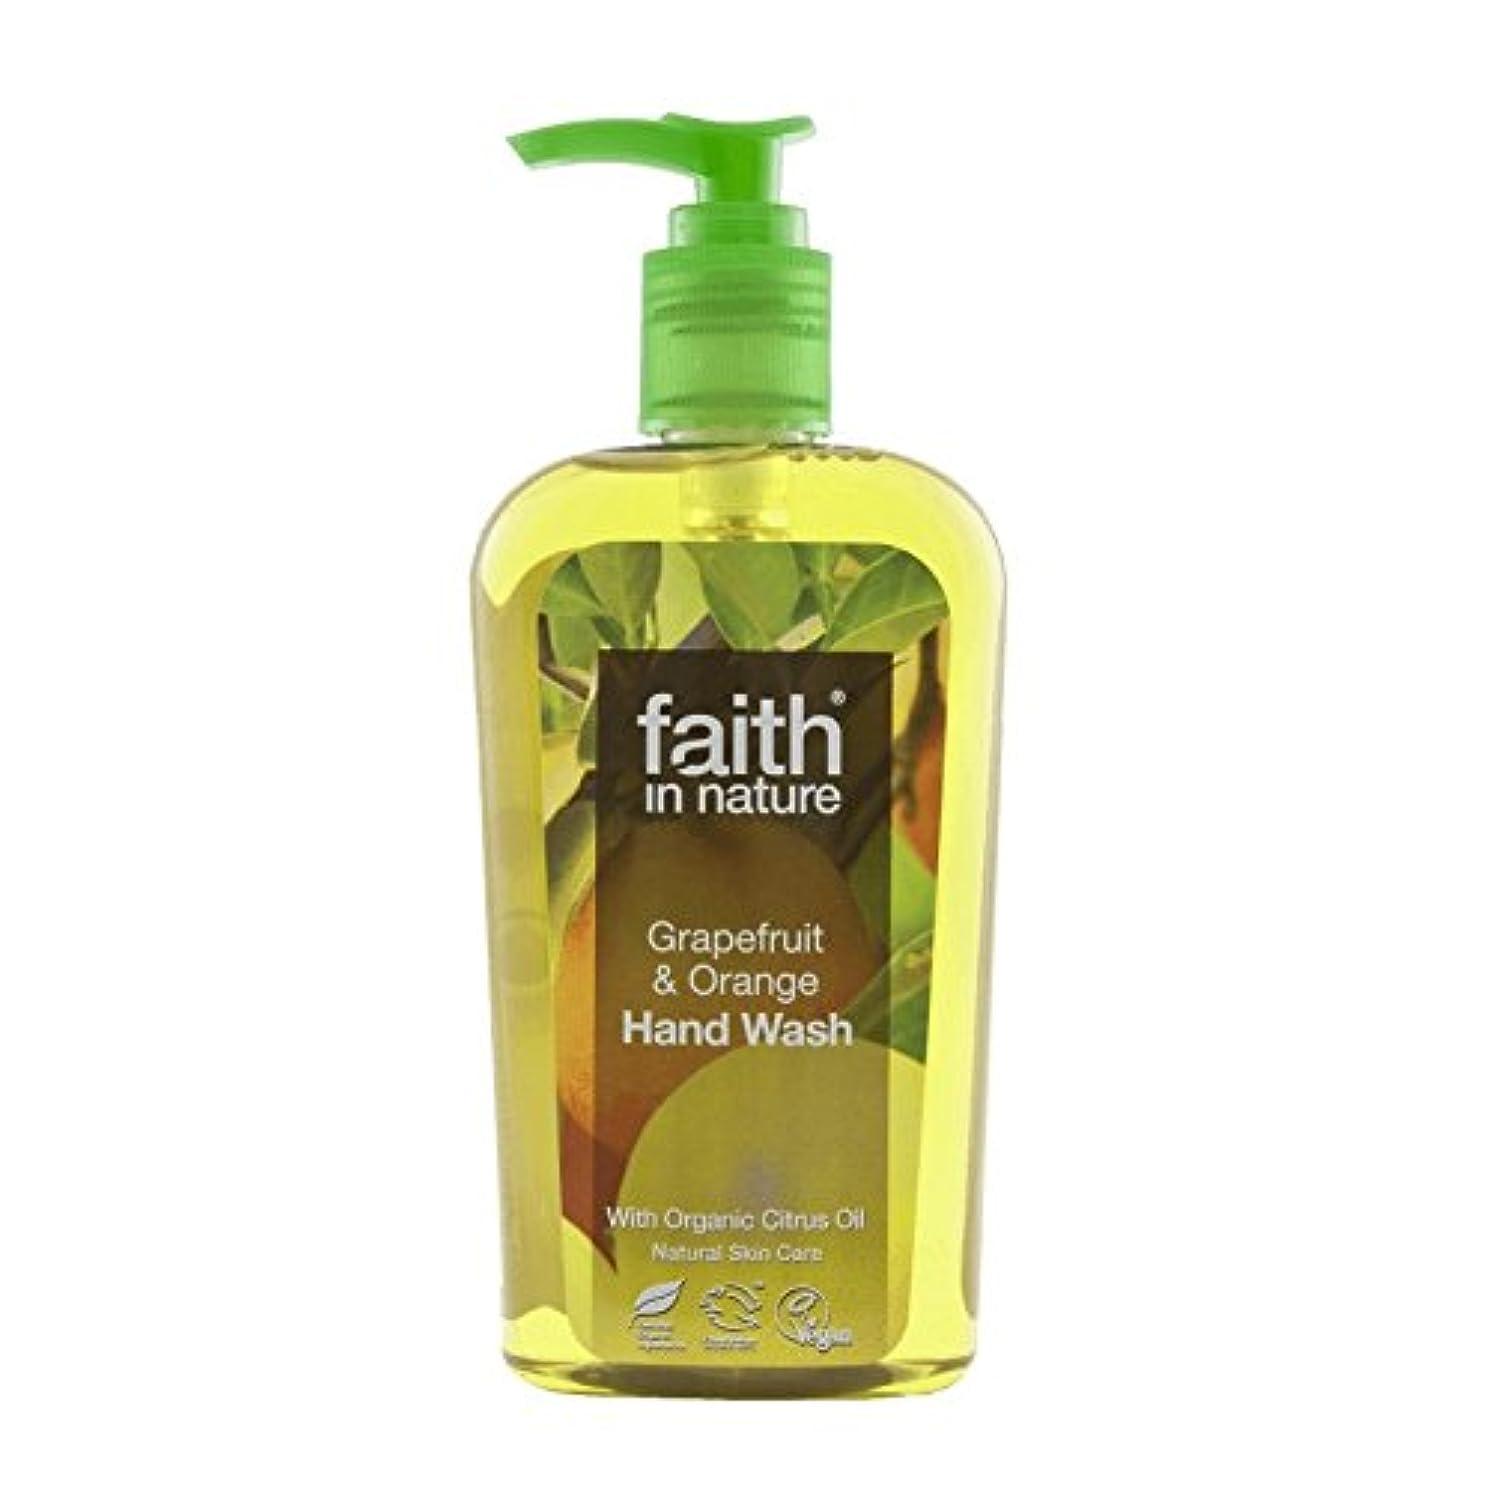 間違えた予防接種ショルダー自然グレープフルーツ&オレンジ手洗いの300ミリリットルの信仰 - Faith In Nature Grapefruit & Orange Handwash 300ml (Faith in Nature) [並行輸入品]